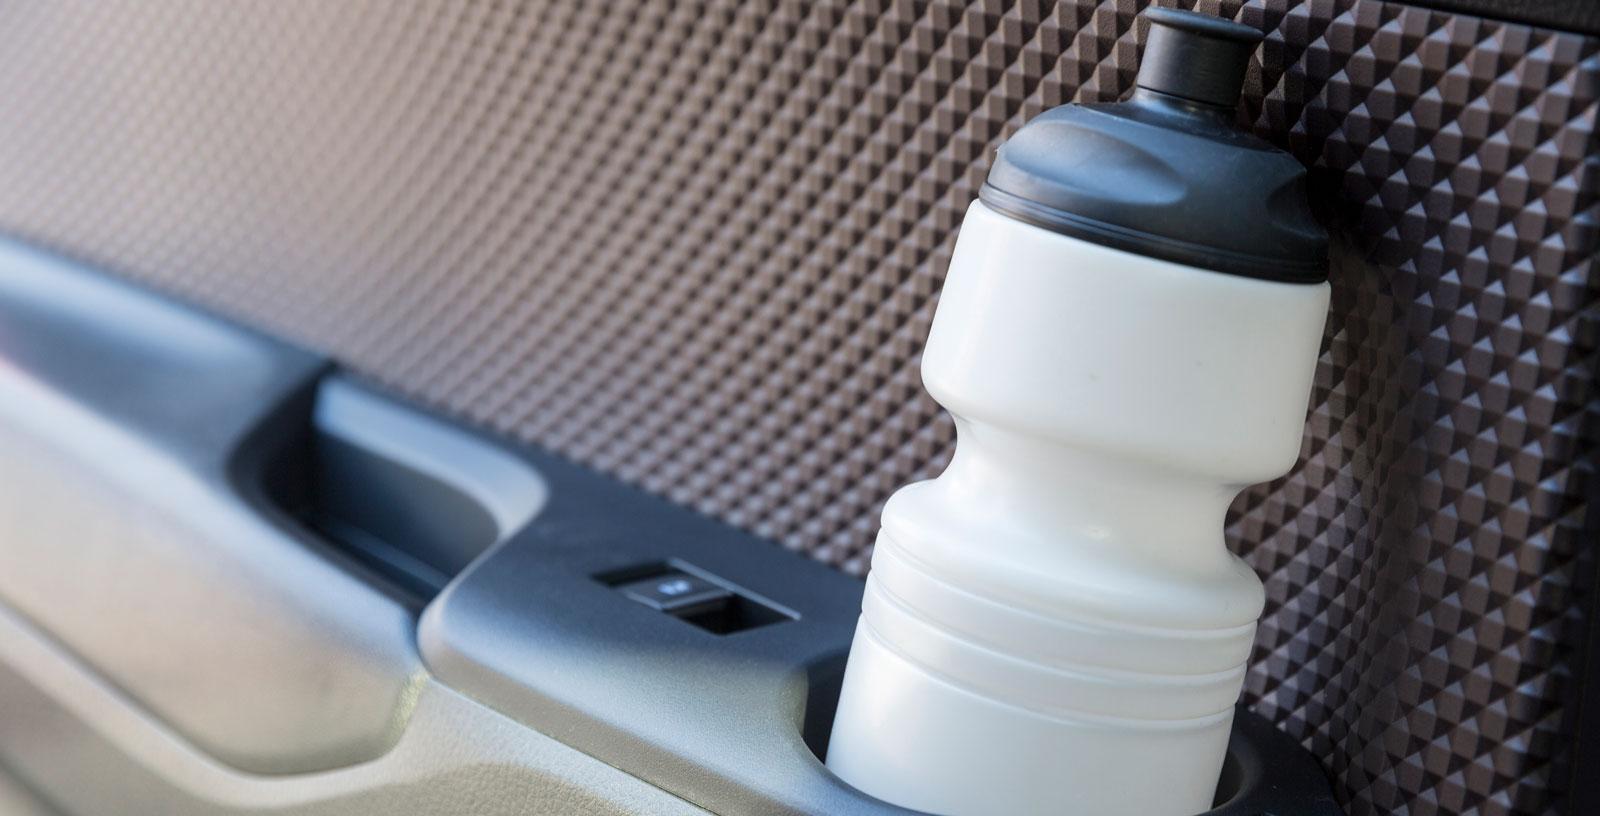 """Dörrpanelerna har ett """"våfflat"""" mönster av hård plast. Ställ för vattenflaskan finns i varje dörr."""